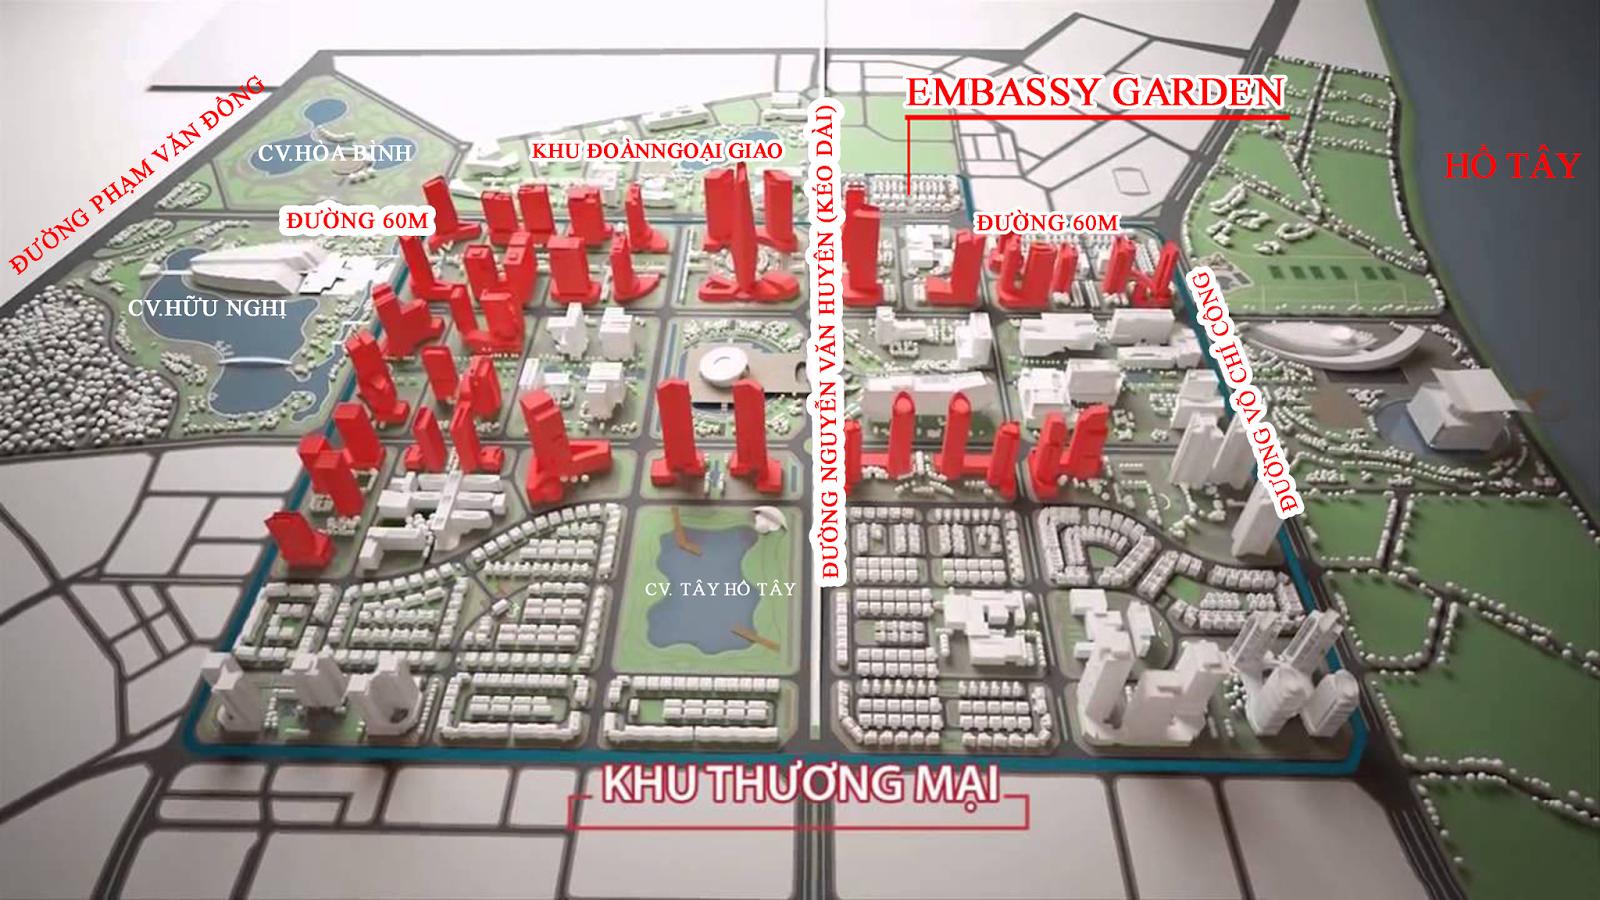 Dự án khu đô thị mới Tây Hồ Tây - Starlake Hà Nội